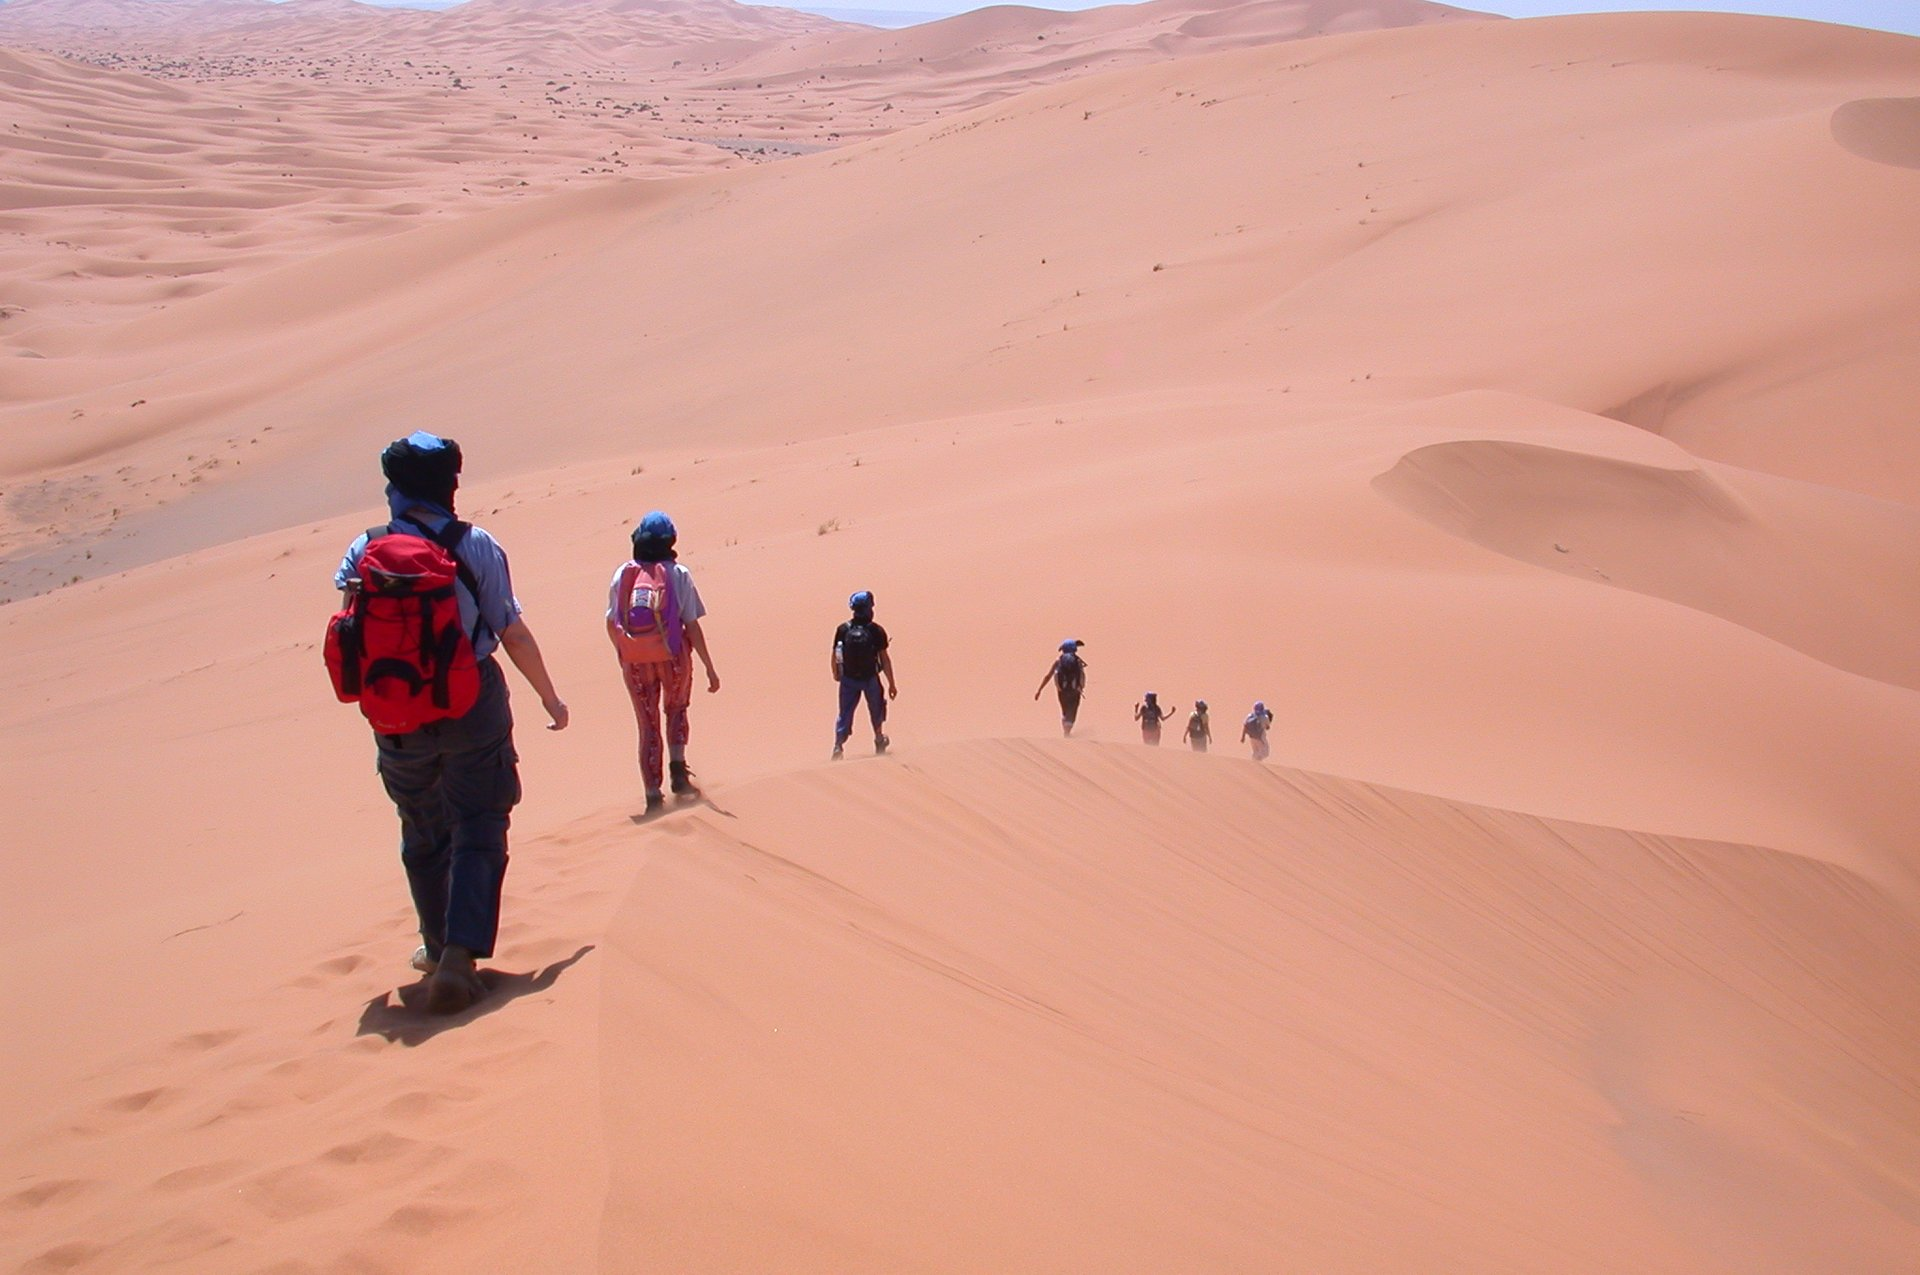 Desert Trekking in Morocco 2020 - Best Time